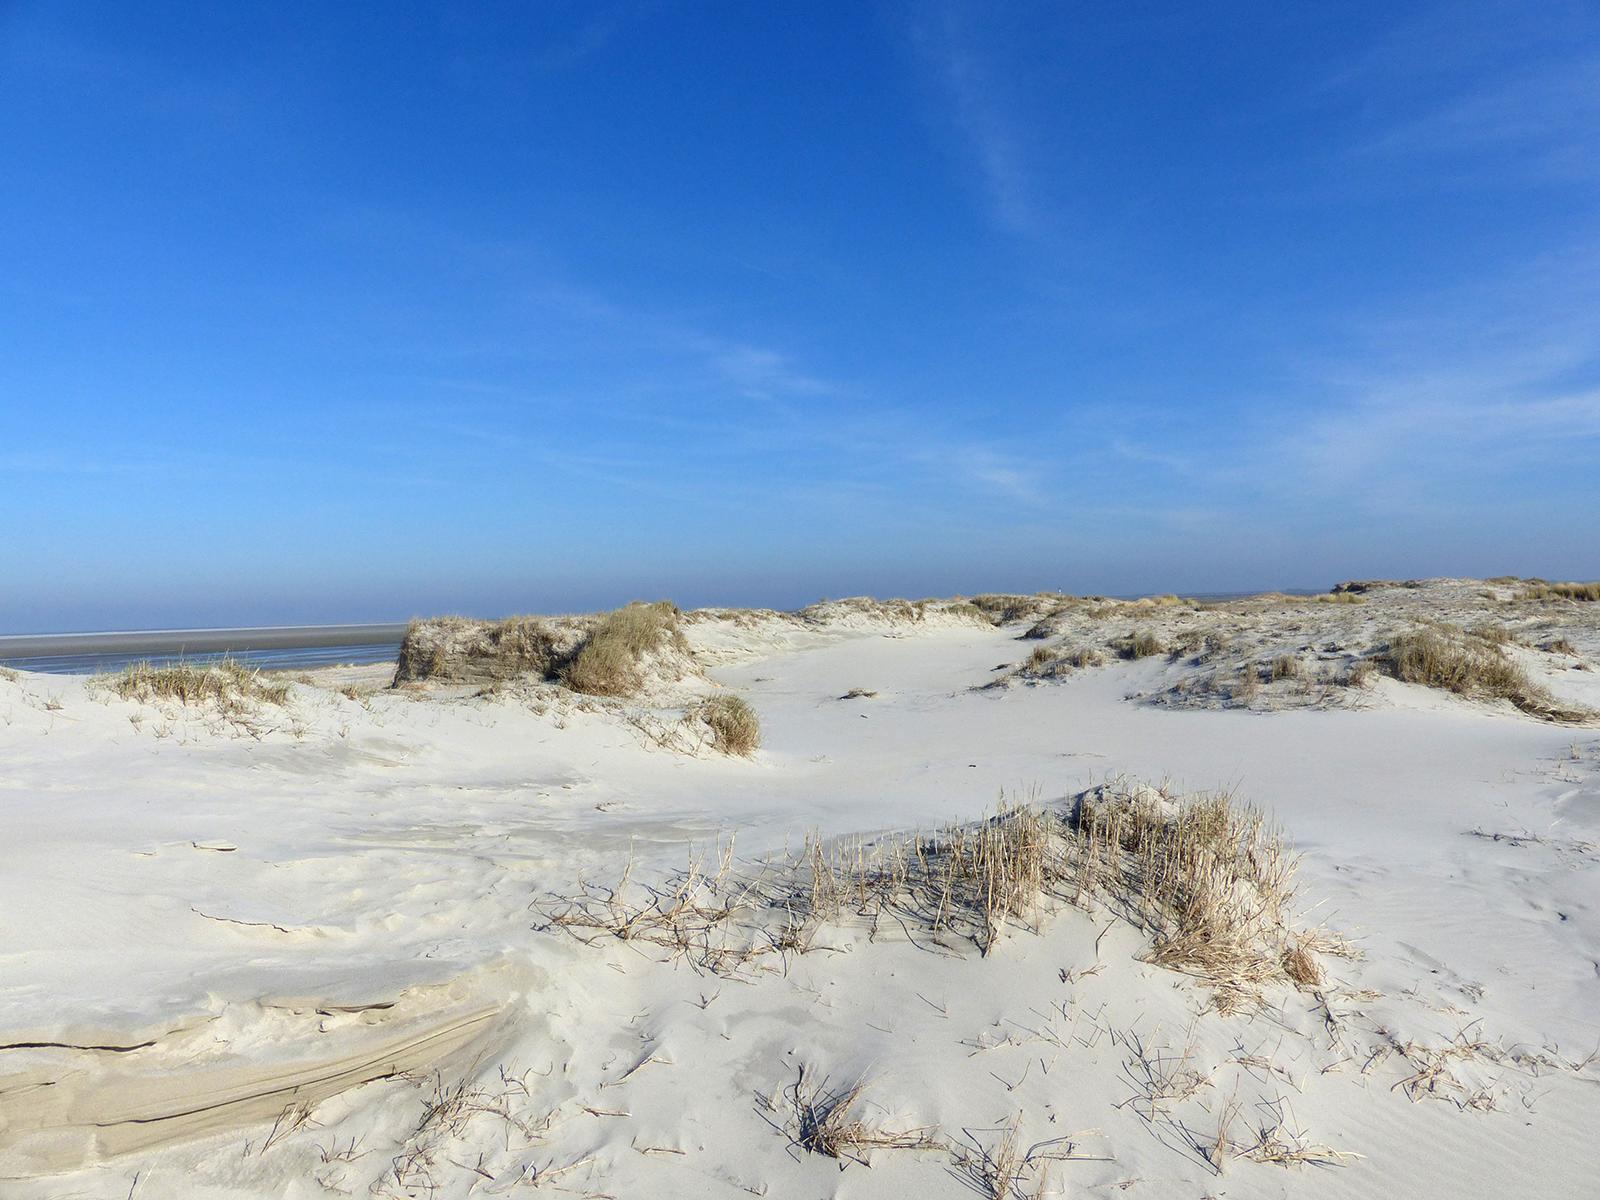 Eine frische Brise Meeresluft, den Wind in den Haaren, die Füße im Sand vergraben - Urlaub pur!